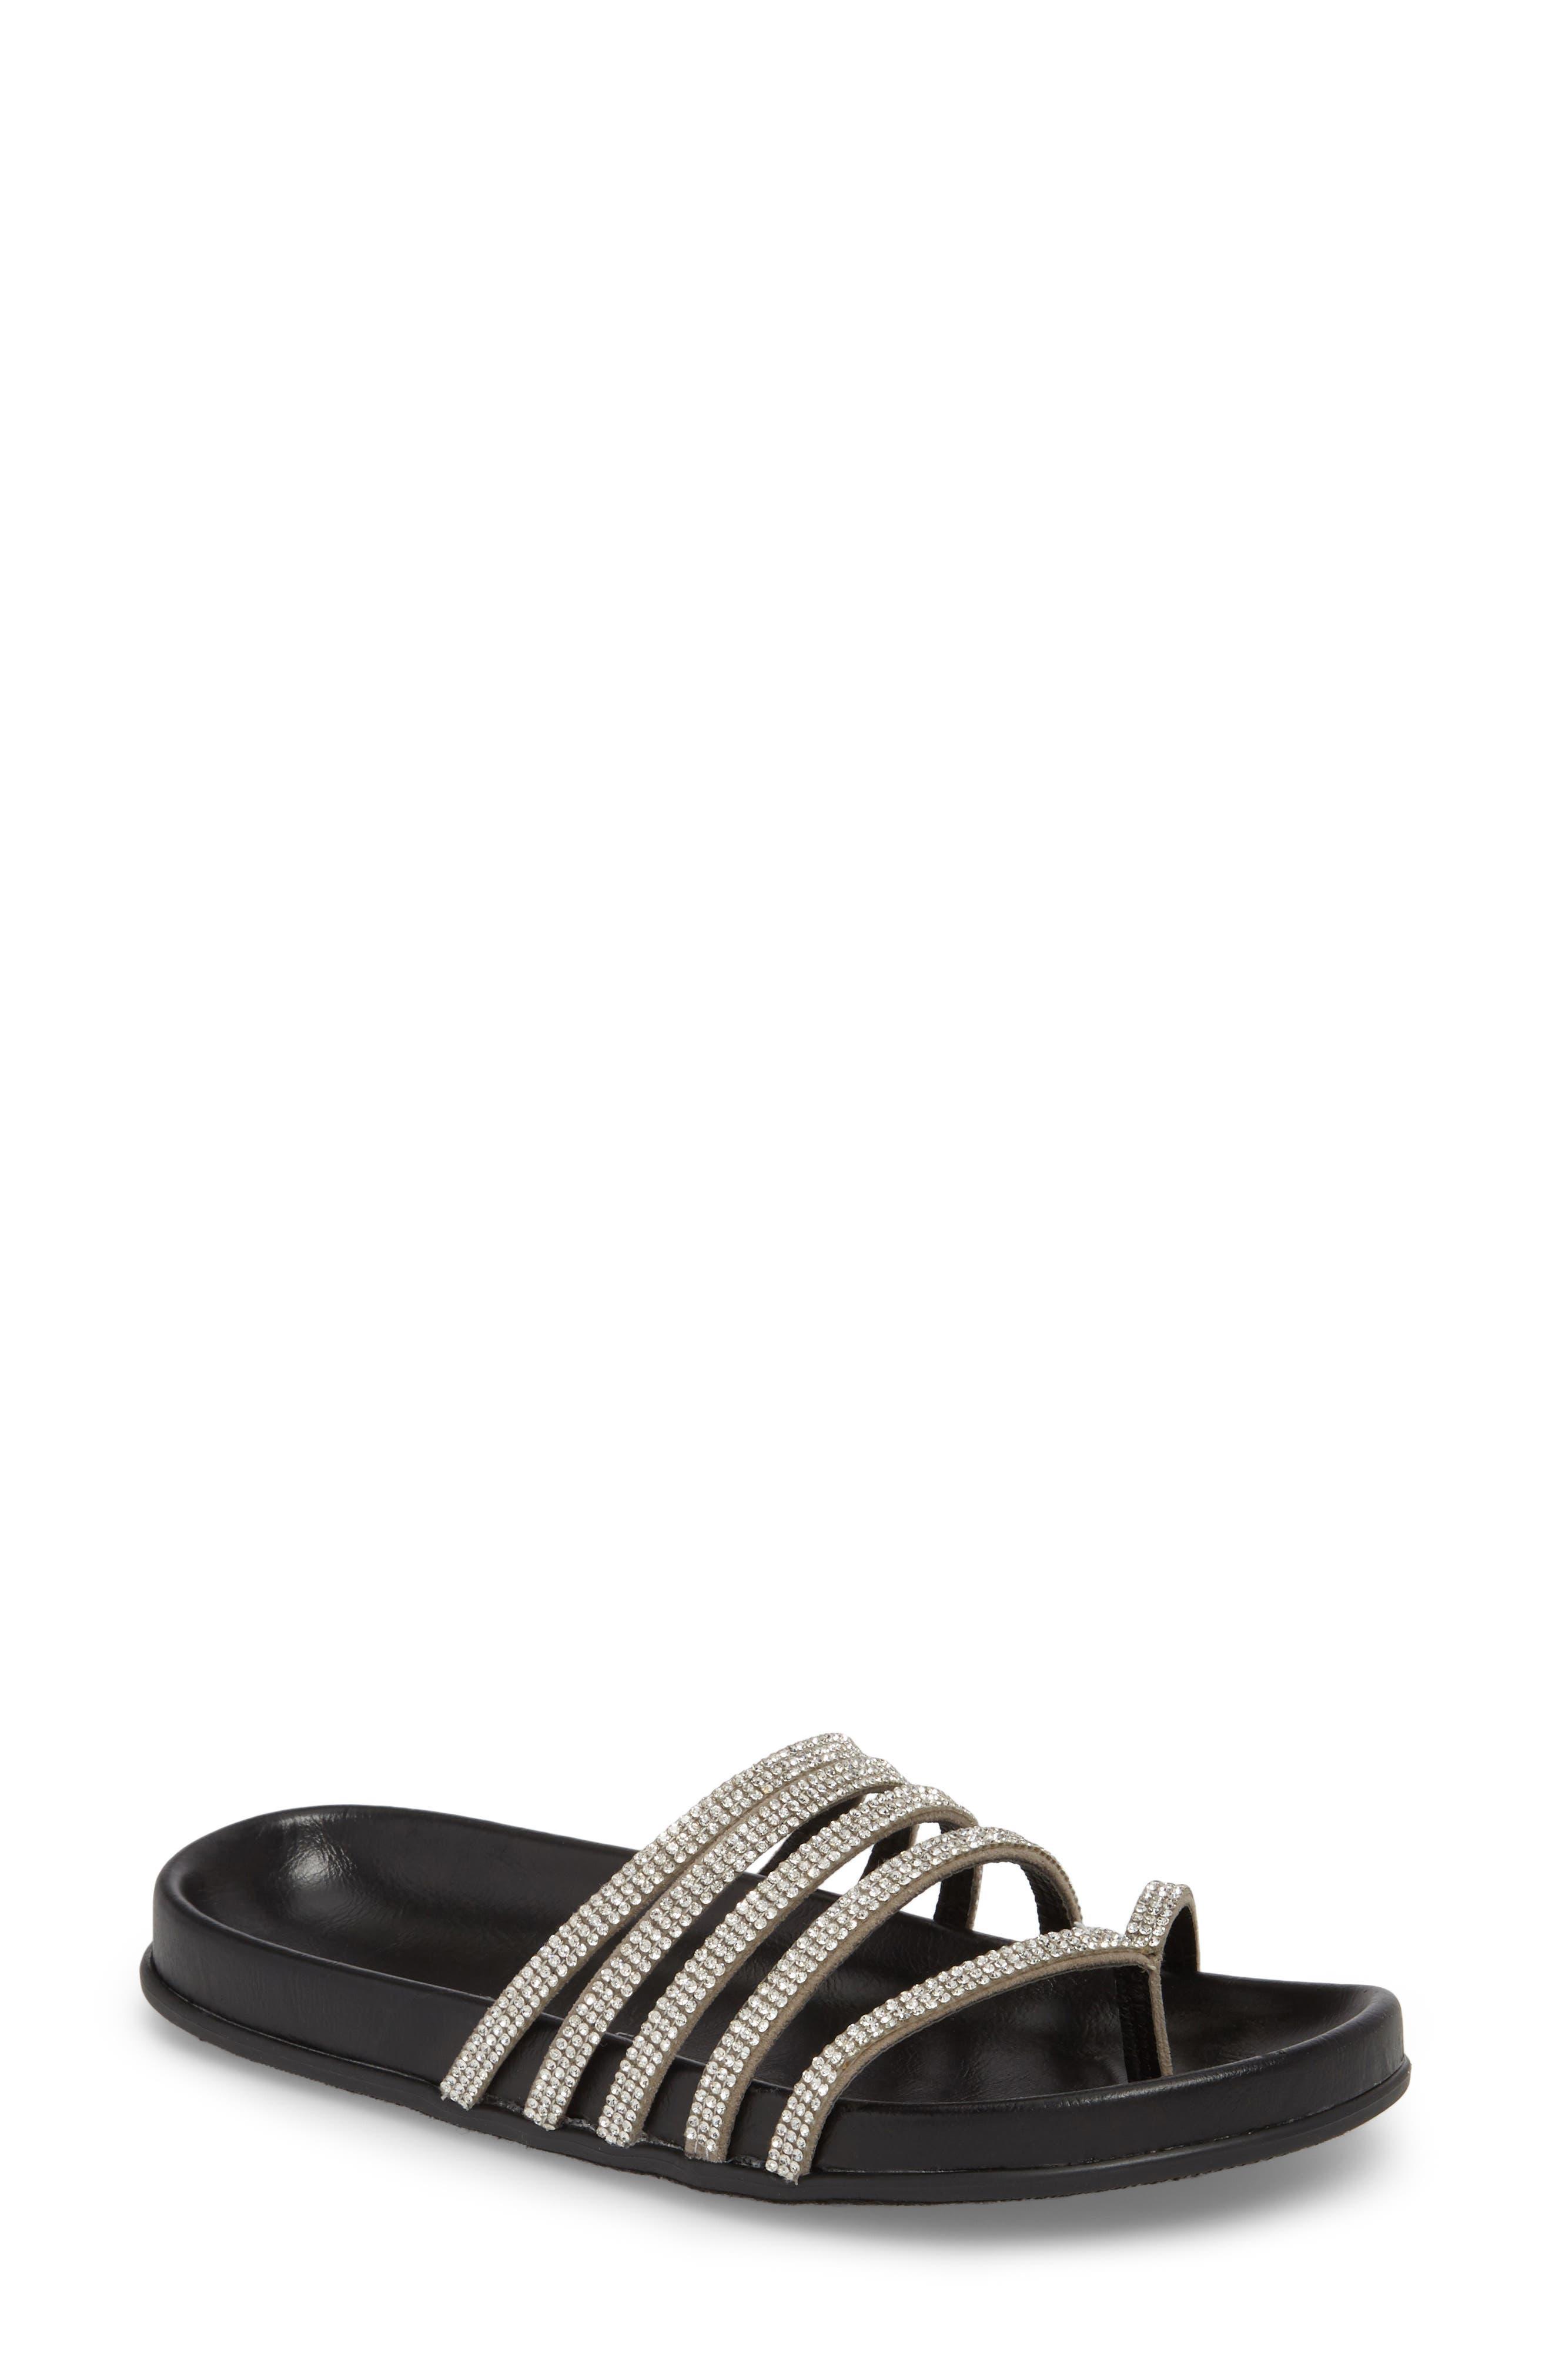 Kendari Sandal,                         Main,                         color, Silver